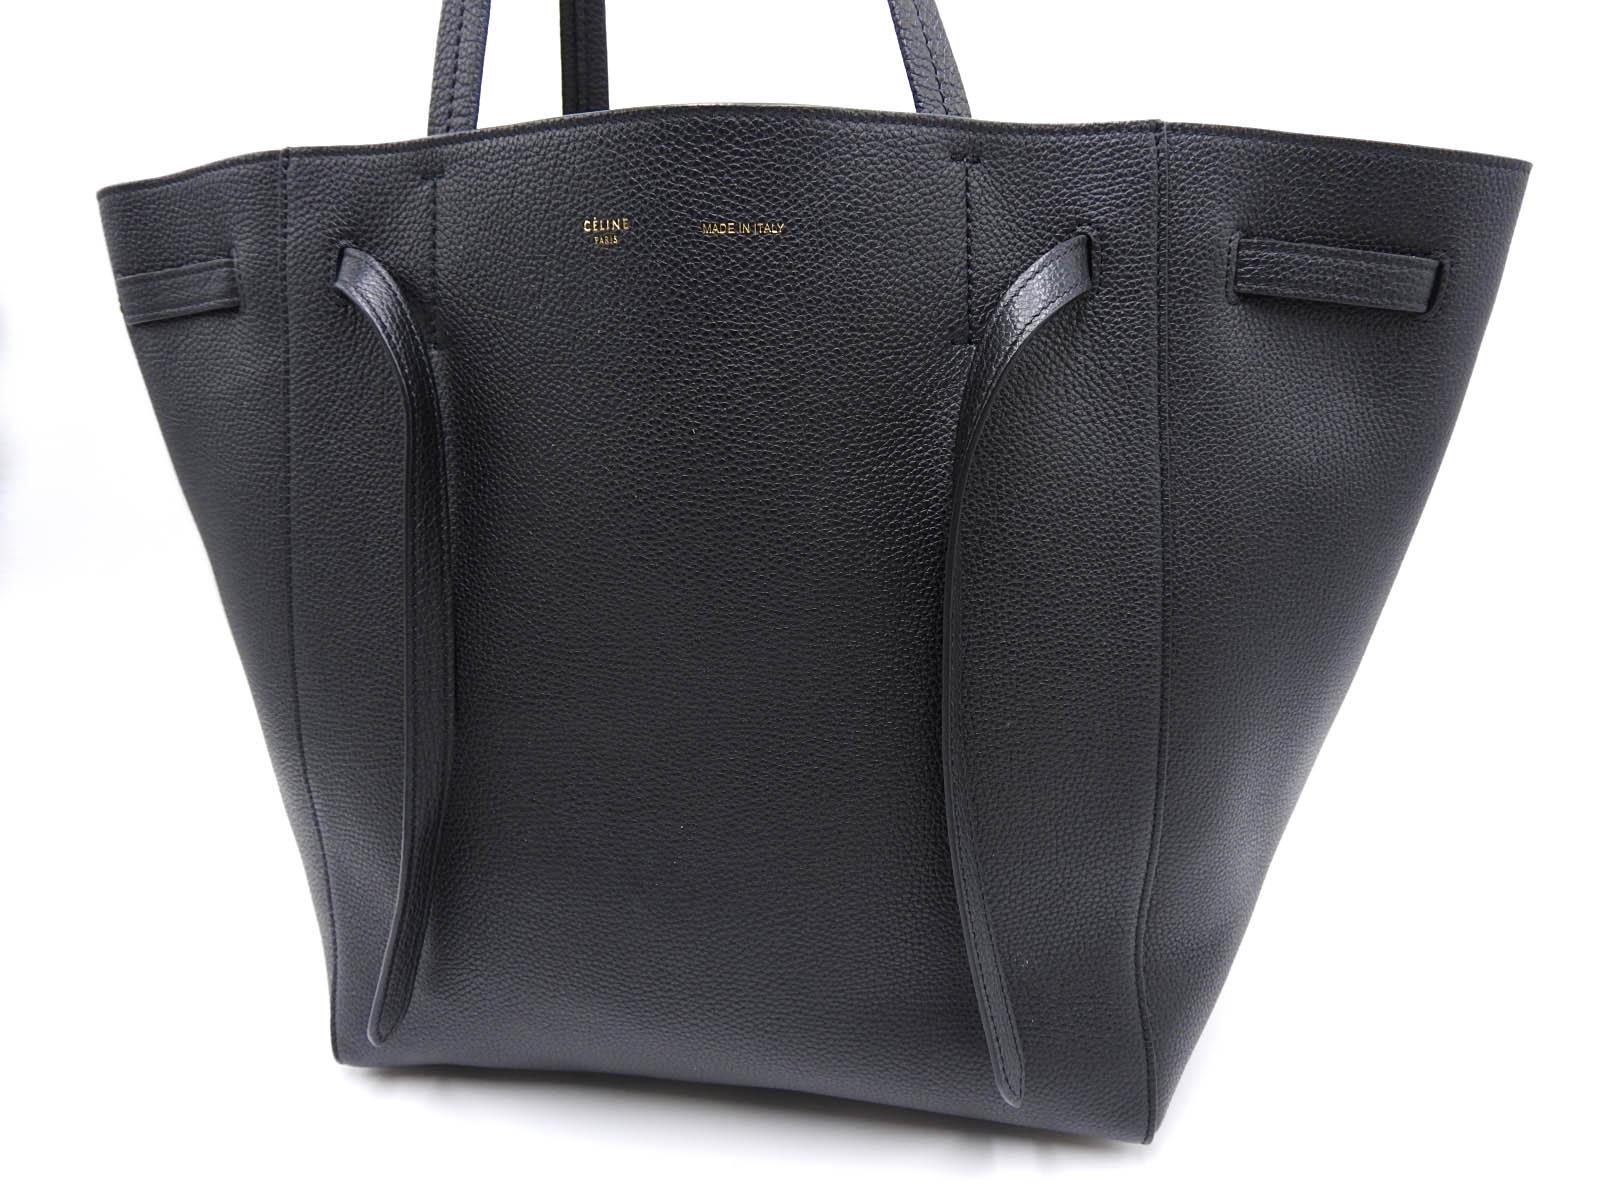 4017becb36ae7 Auth CELINE Cabas Phantom Shoulder Tote Bag Calf Leather Black 176023 TNI  38NO 2018 A-9614